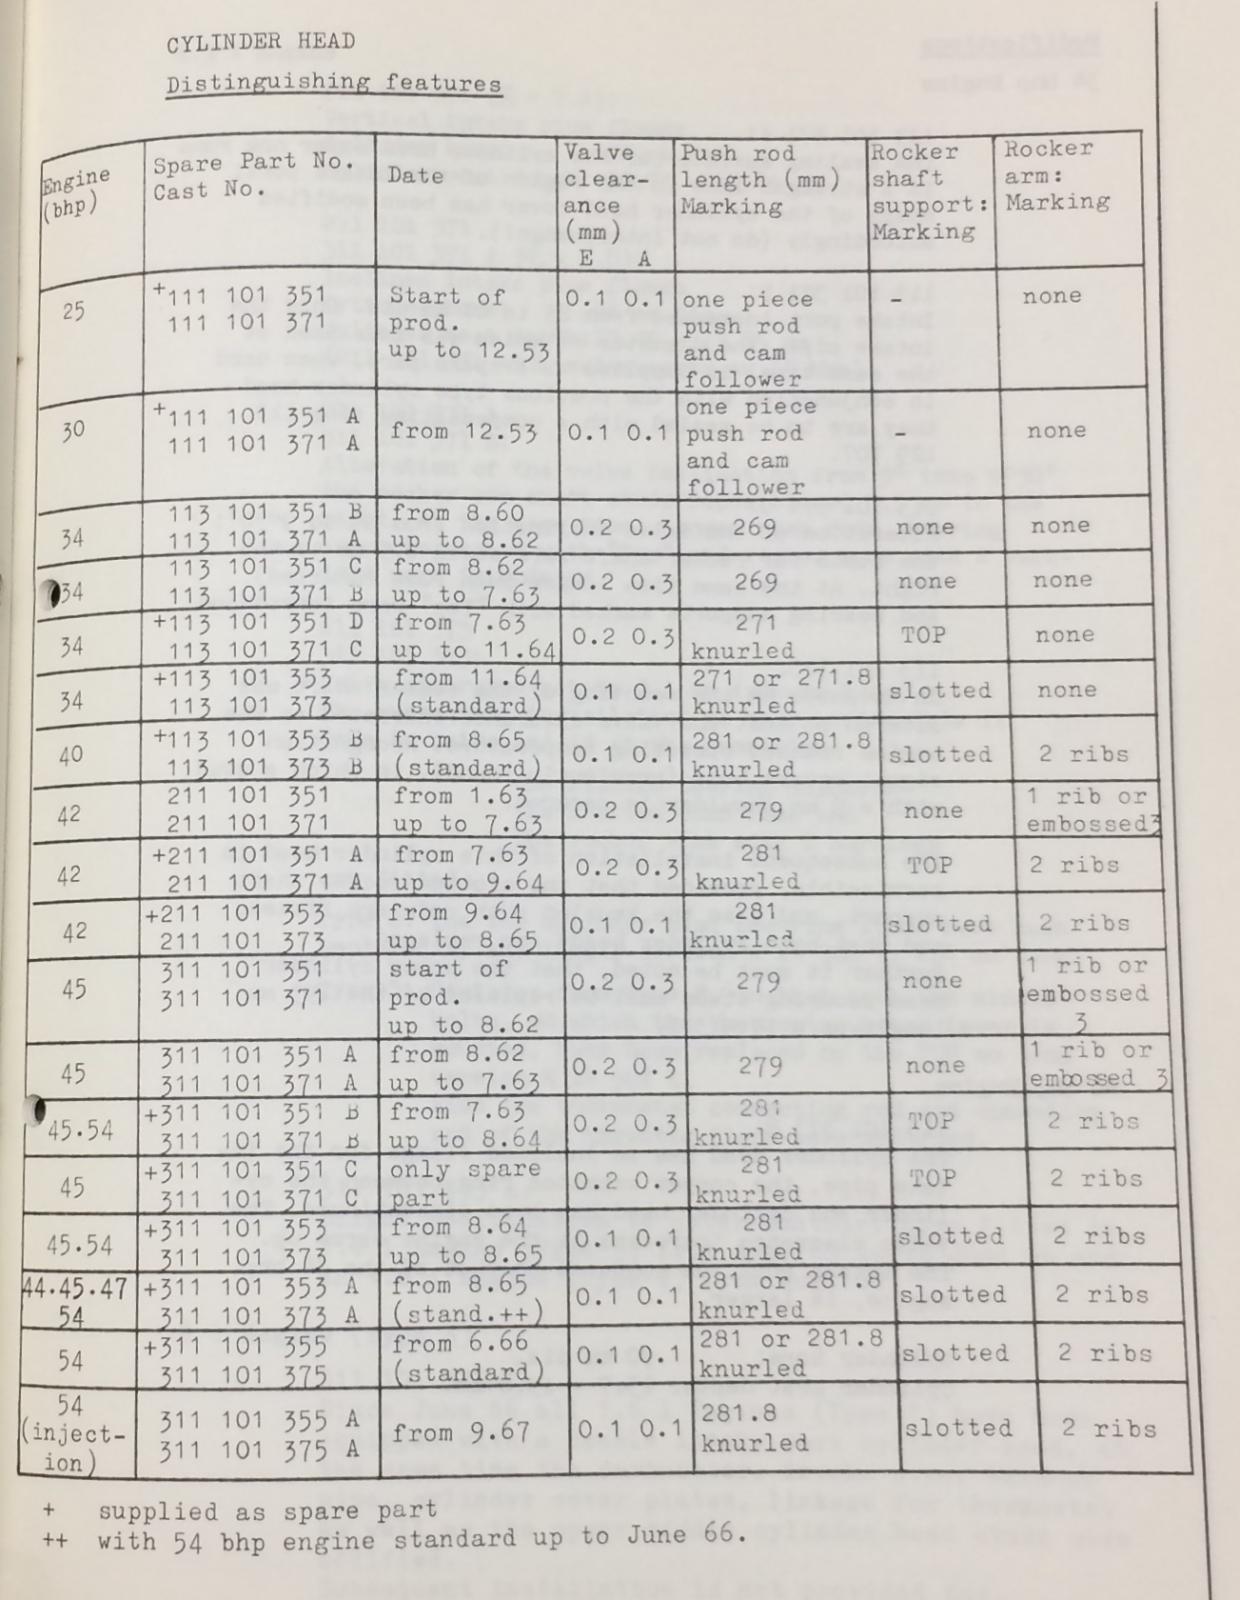 Cylinder Head Casting Number